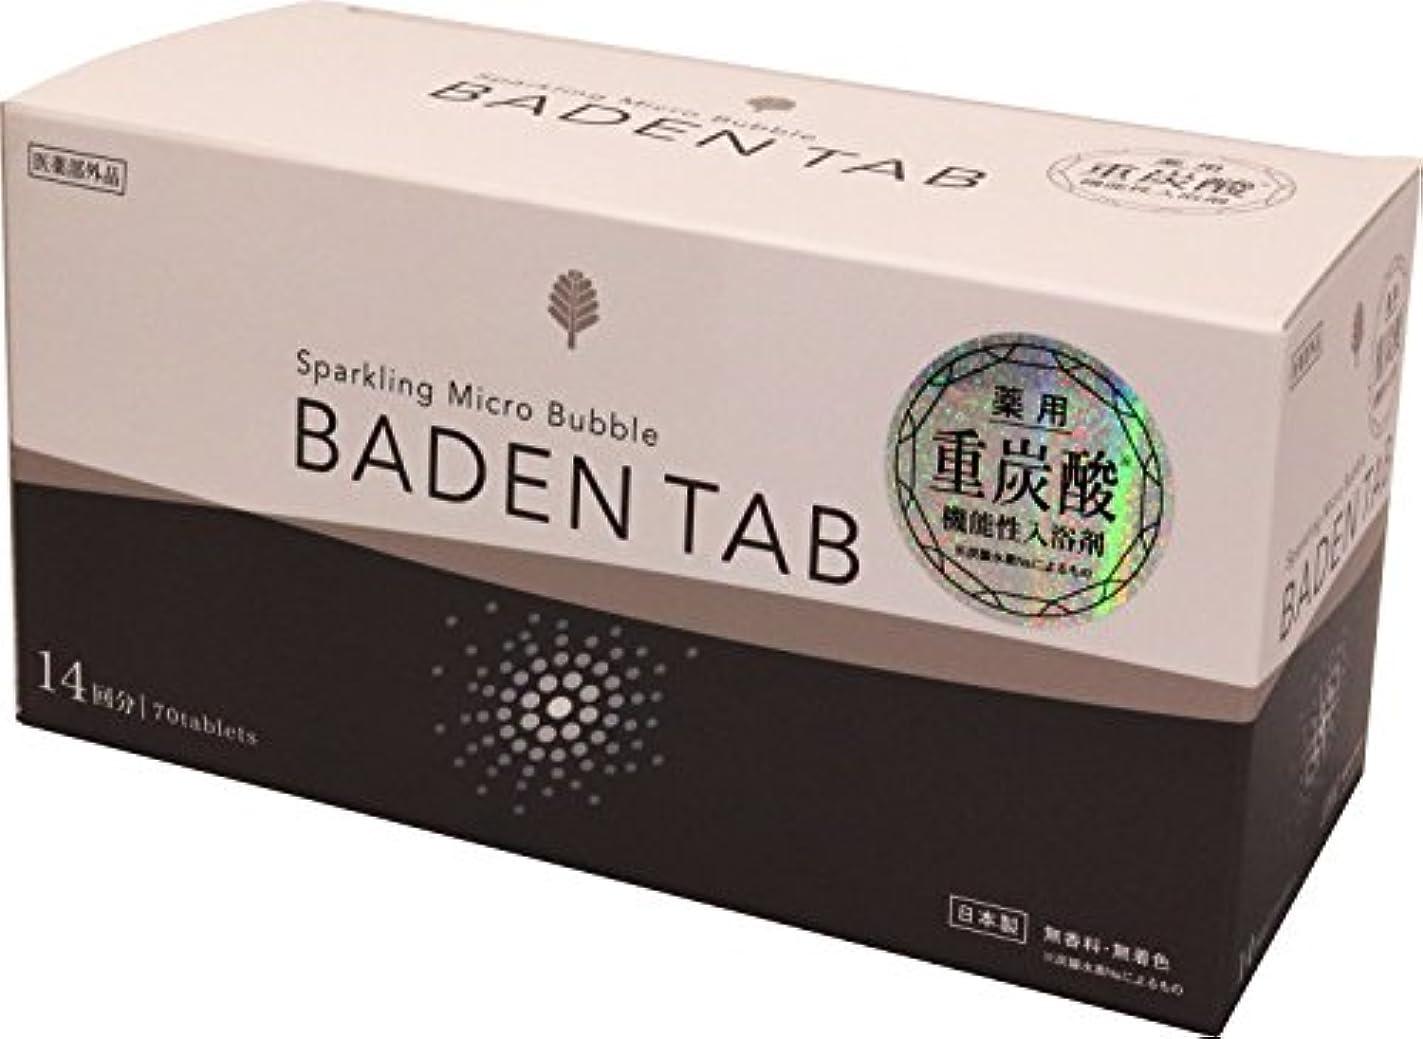 耐久維持するパドル紀陽除虫菊 薬用 重炭酸入浴剤 BADEN TAB バスタブレット (14回分) 70錠入り [医薬部外品]